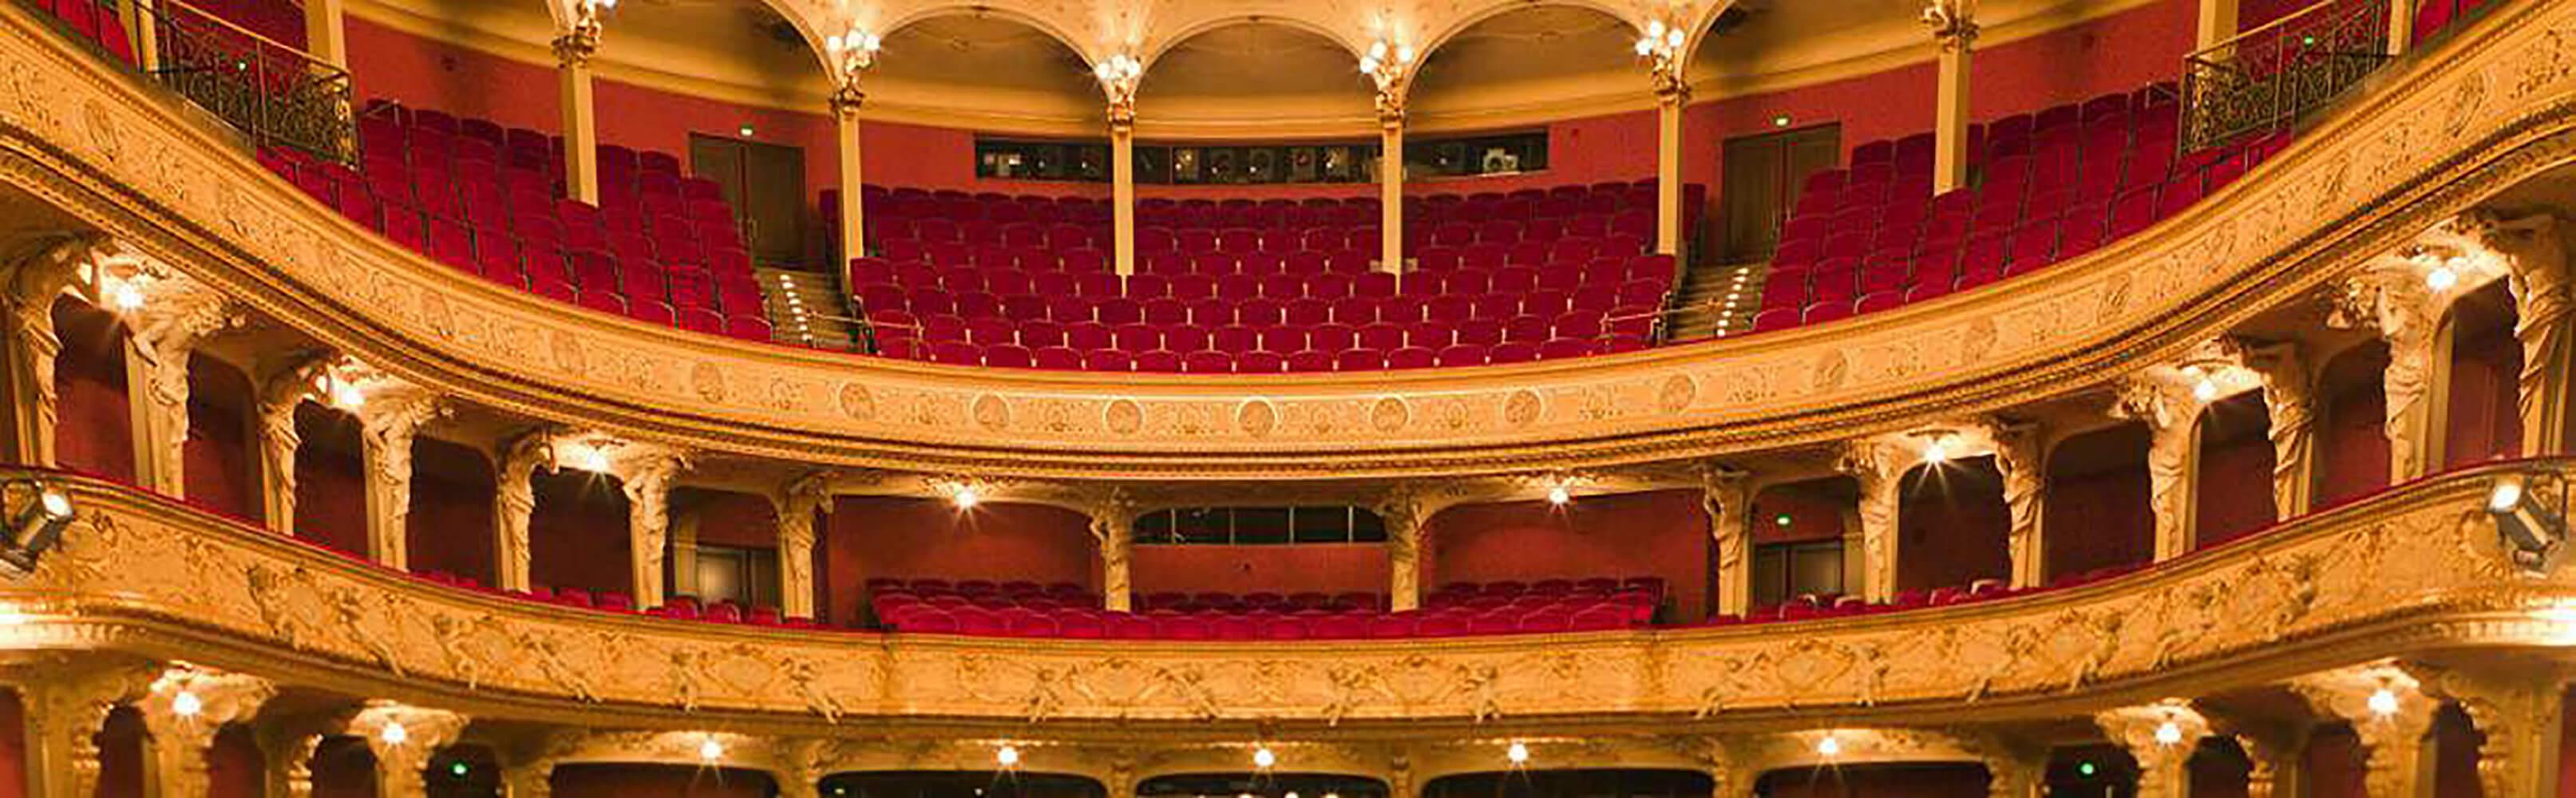 Opernhaus Zürich 1